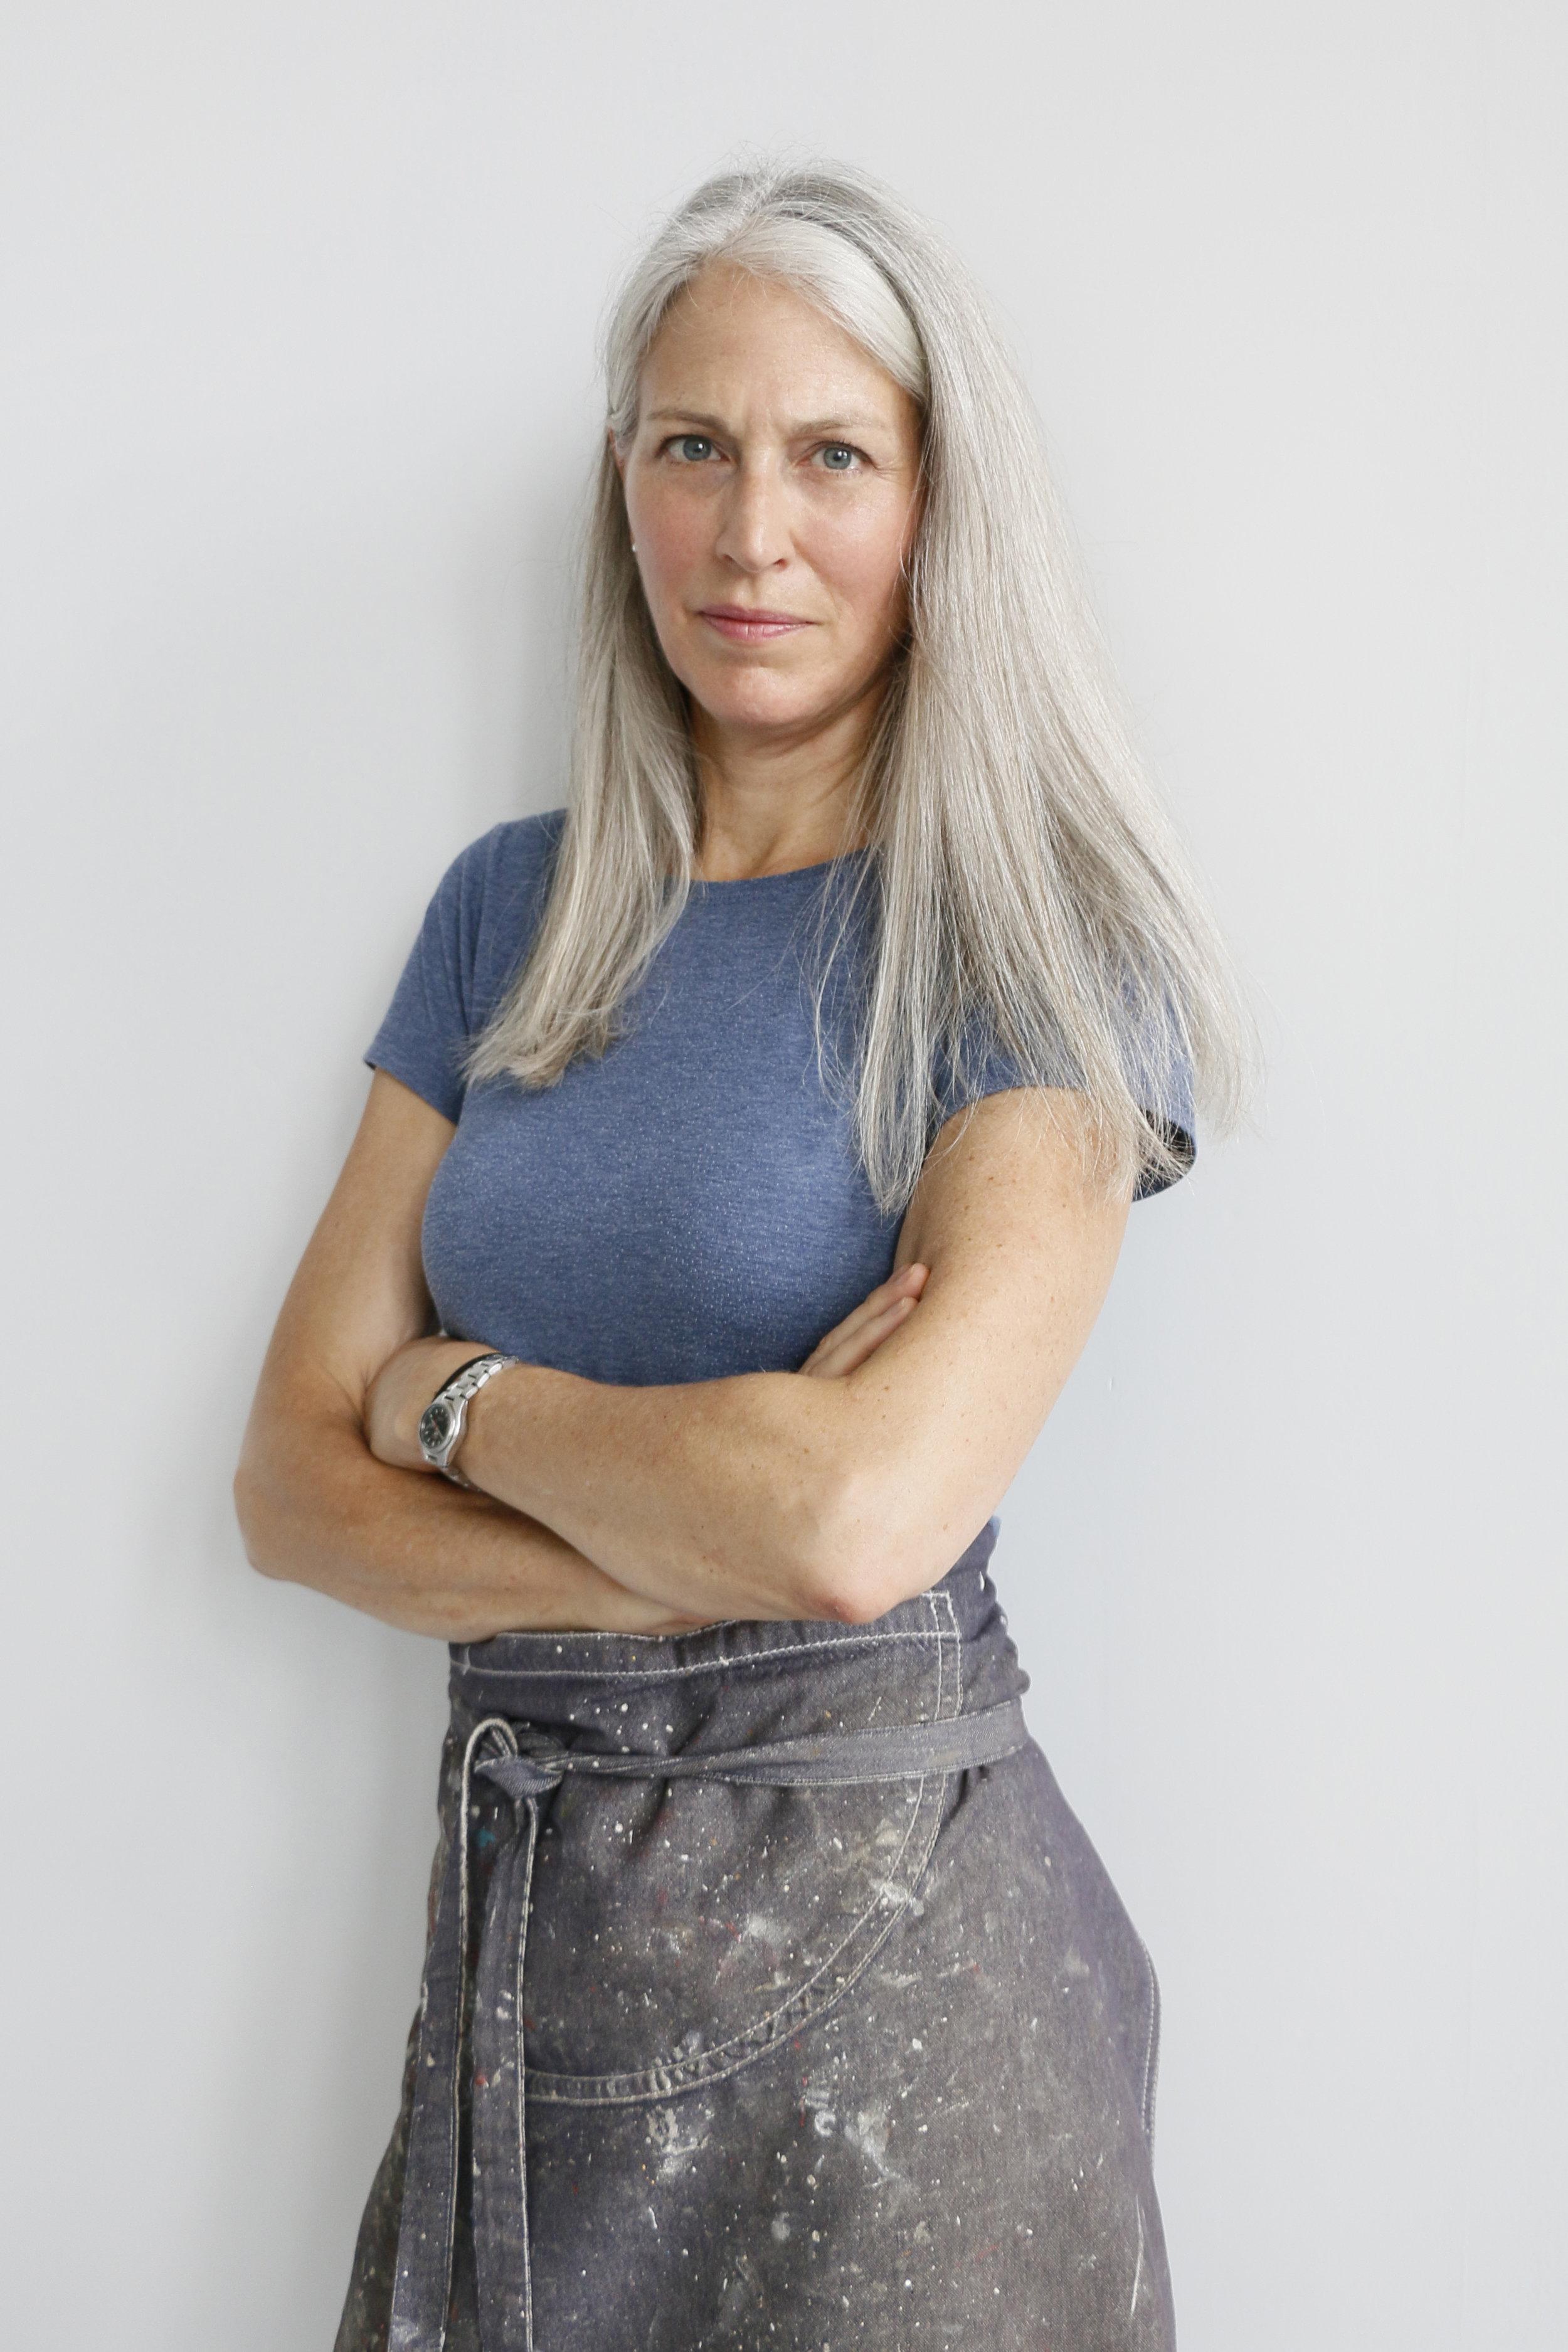 Marianne Lovink Portrait